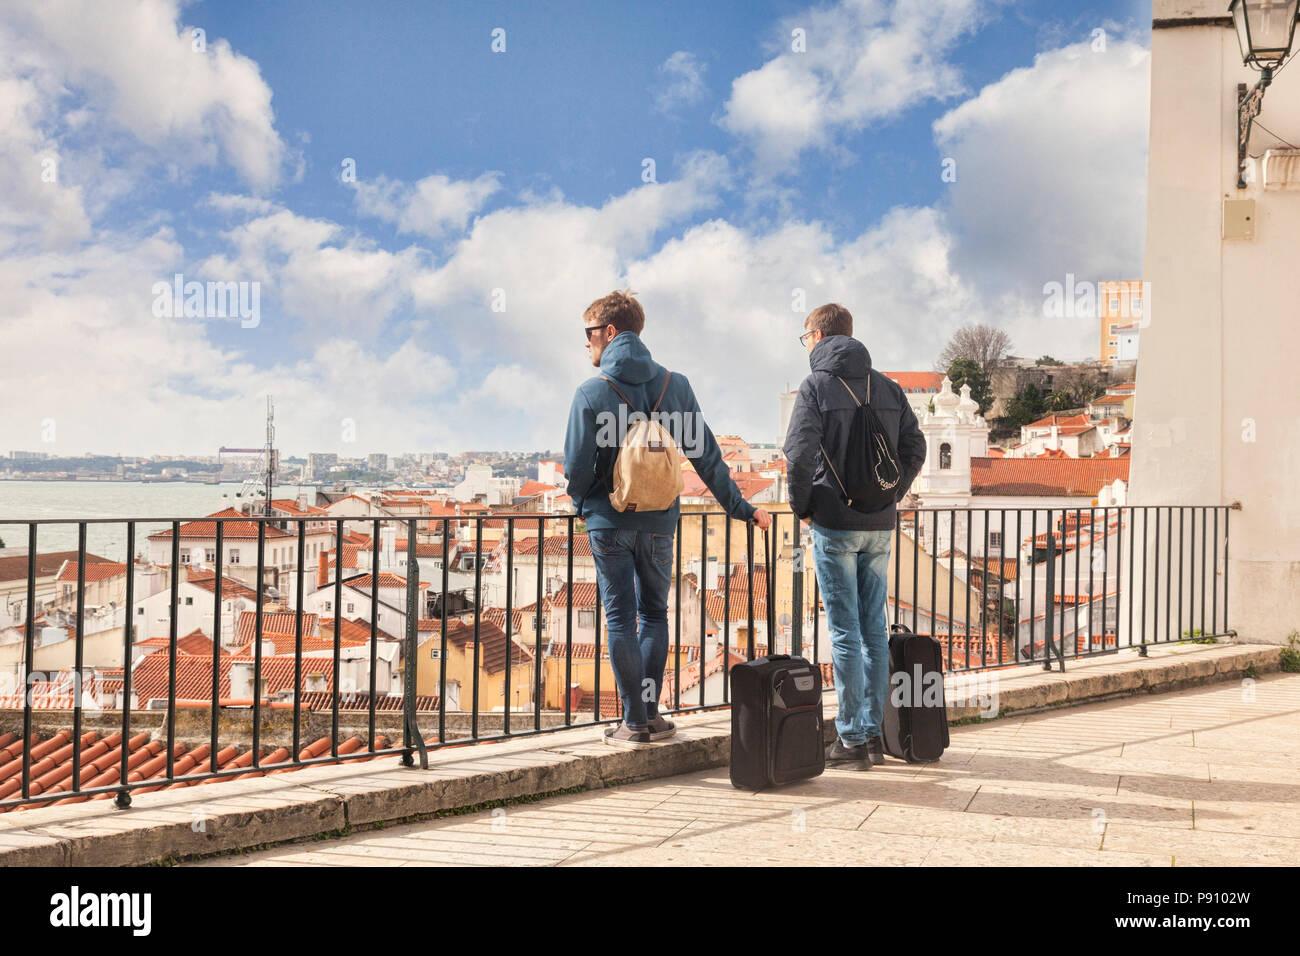 7 mars 2018: Lisbonne, Portugal - Deux jeunes mâles à l'exploitation d'assurance à la recherche à la vue de la ville de Miradouro de Santa Estevao. Photo Stock